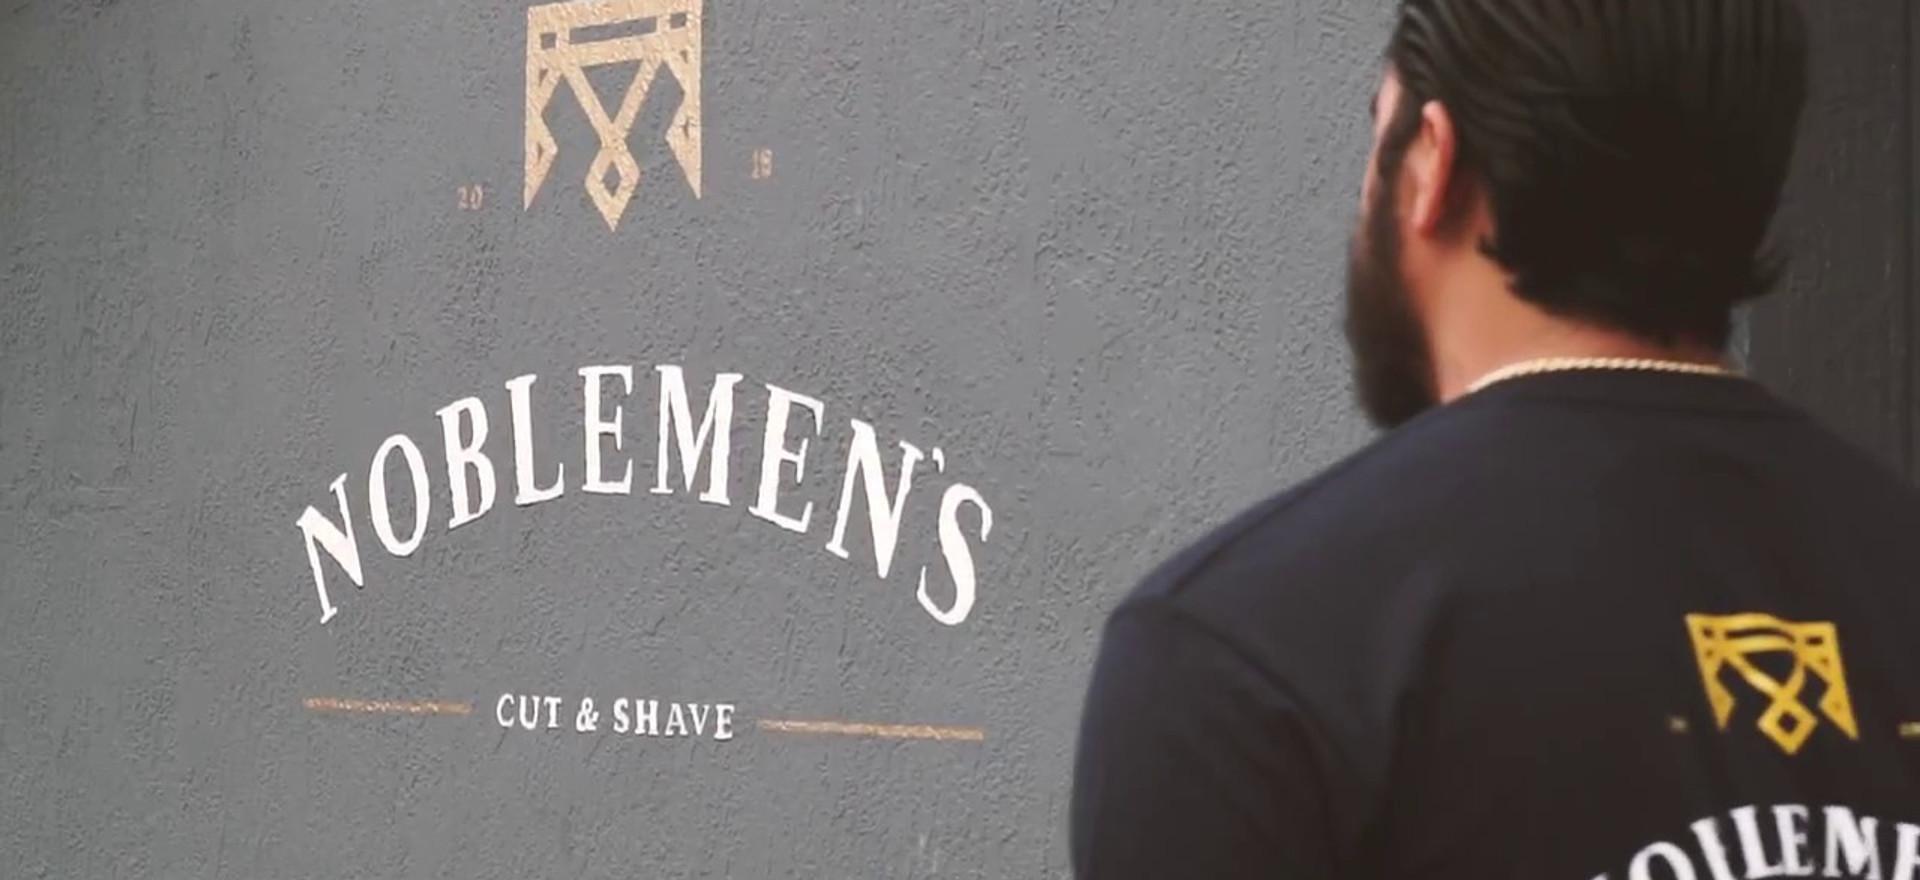 Noblemen's Barber Shop